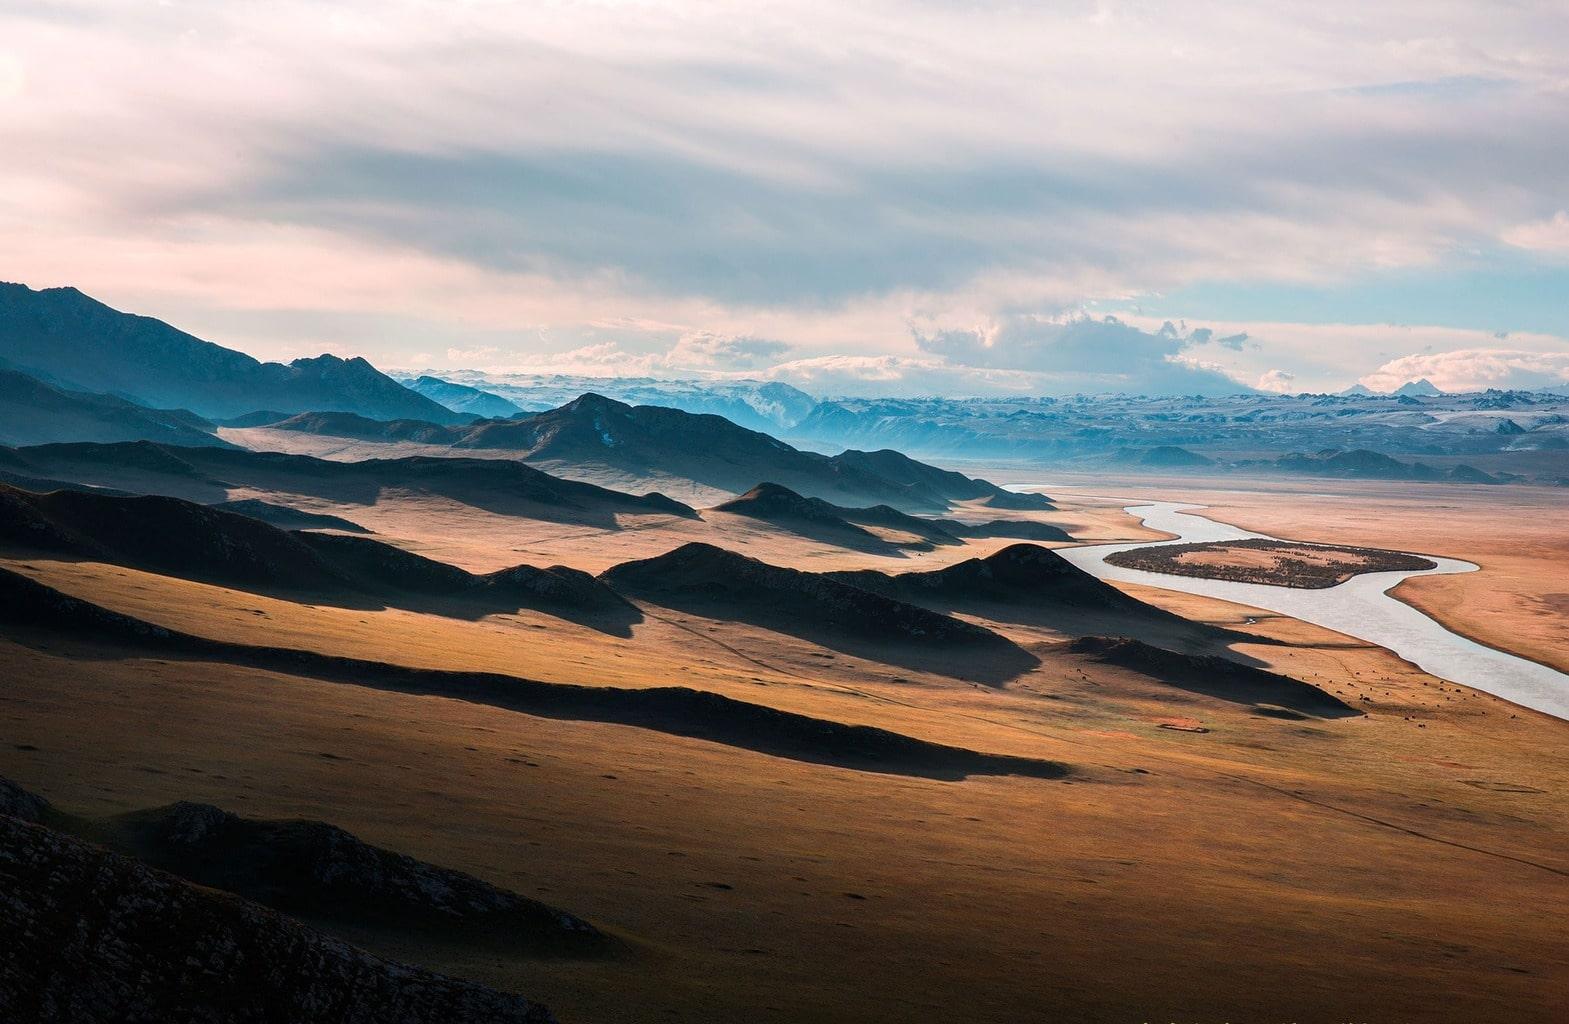 fotografía paisaje de una pradera